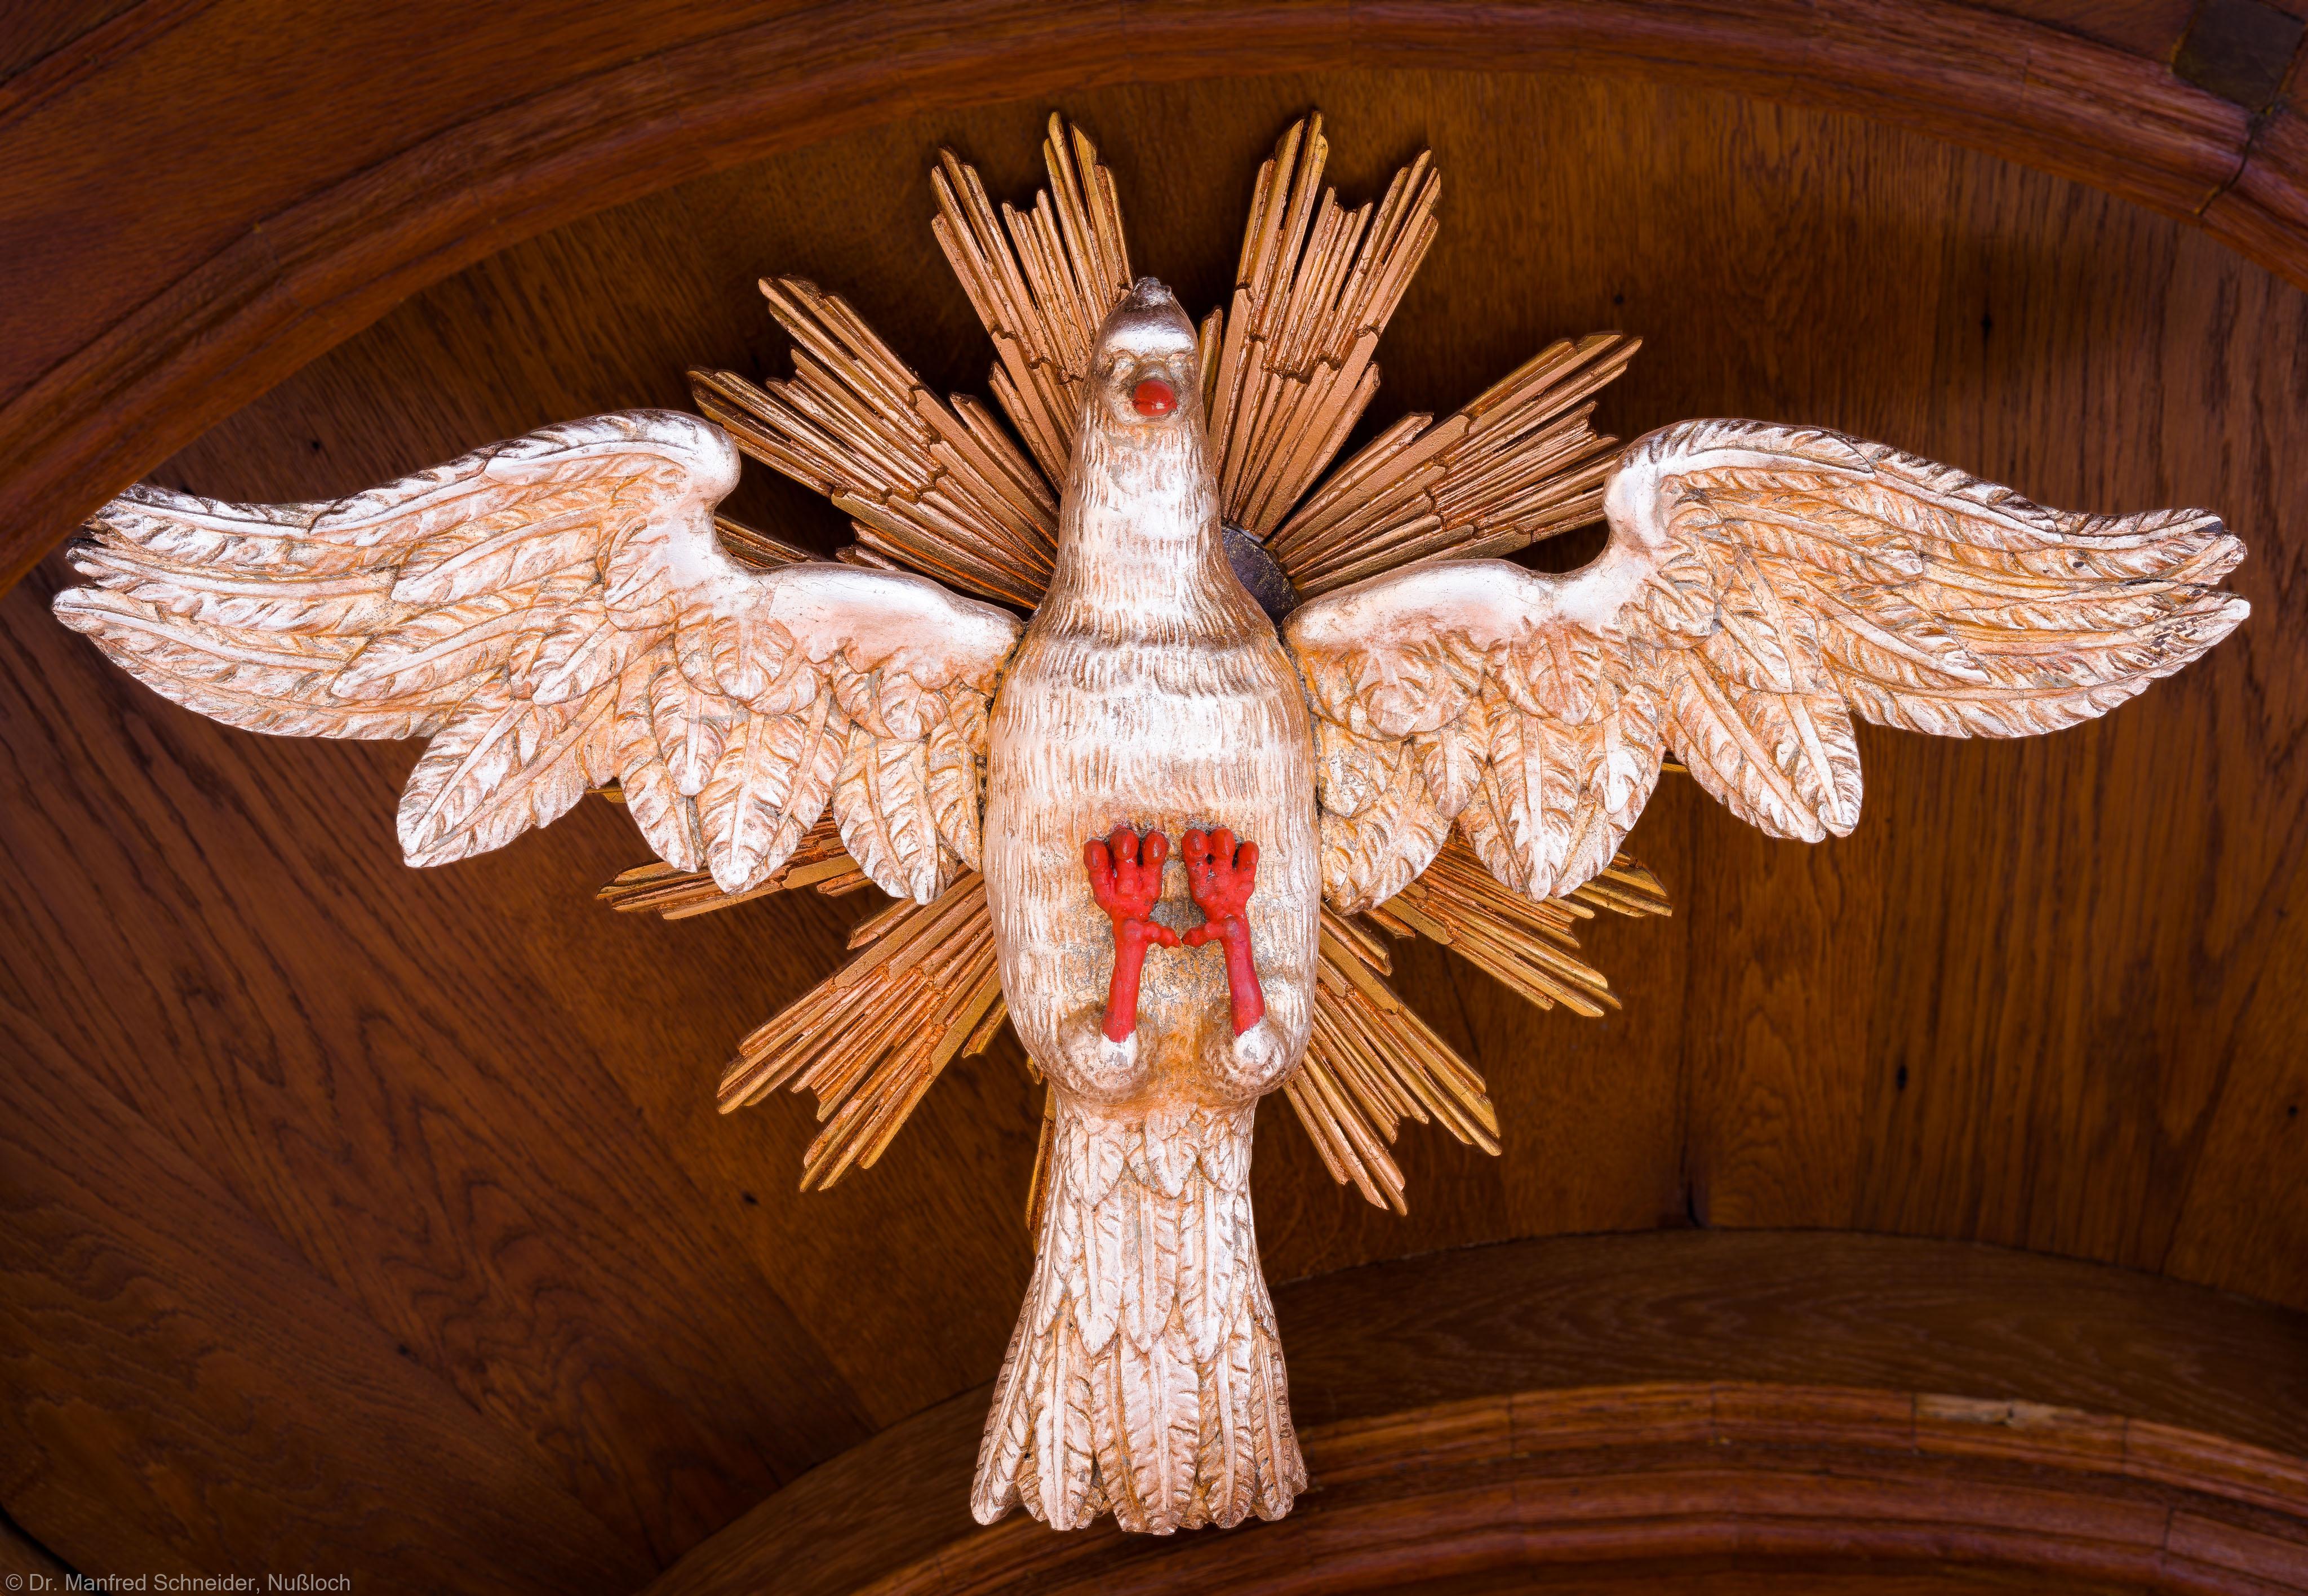 """Heidelberg - Heiliggeistkirche - Kanzel - Symbol """"Heiliger Geist"""" im Deckel der Kanzel (aufgenommen im November 2013, am späten Nachmittag)"""